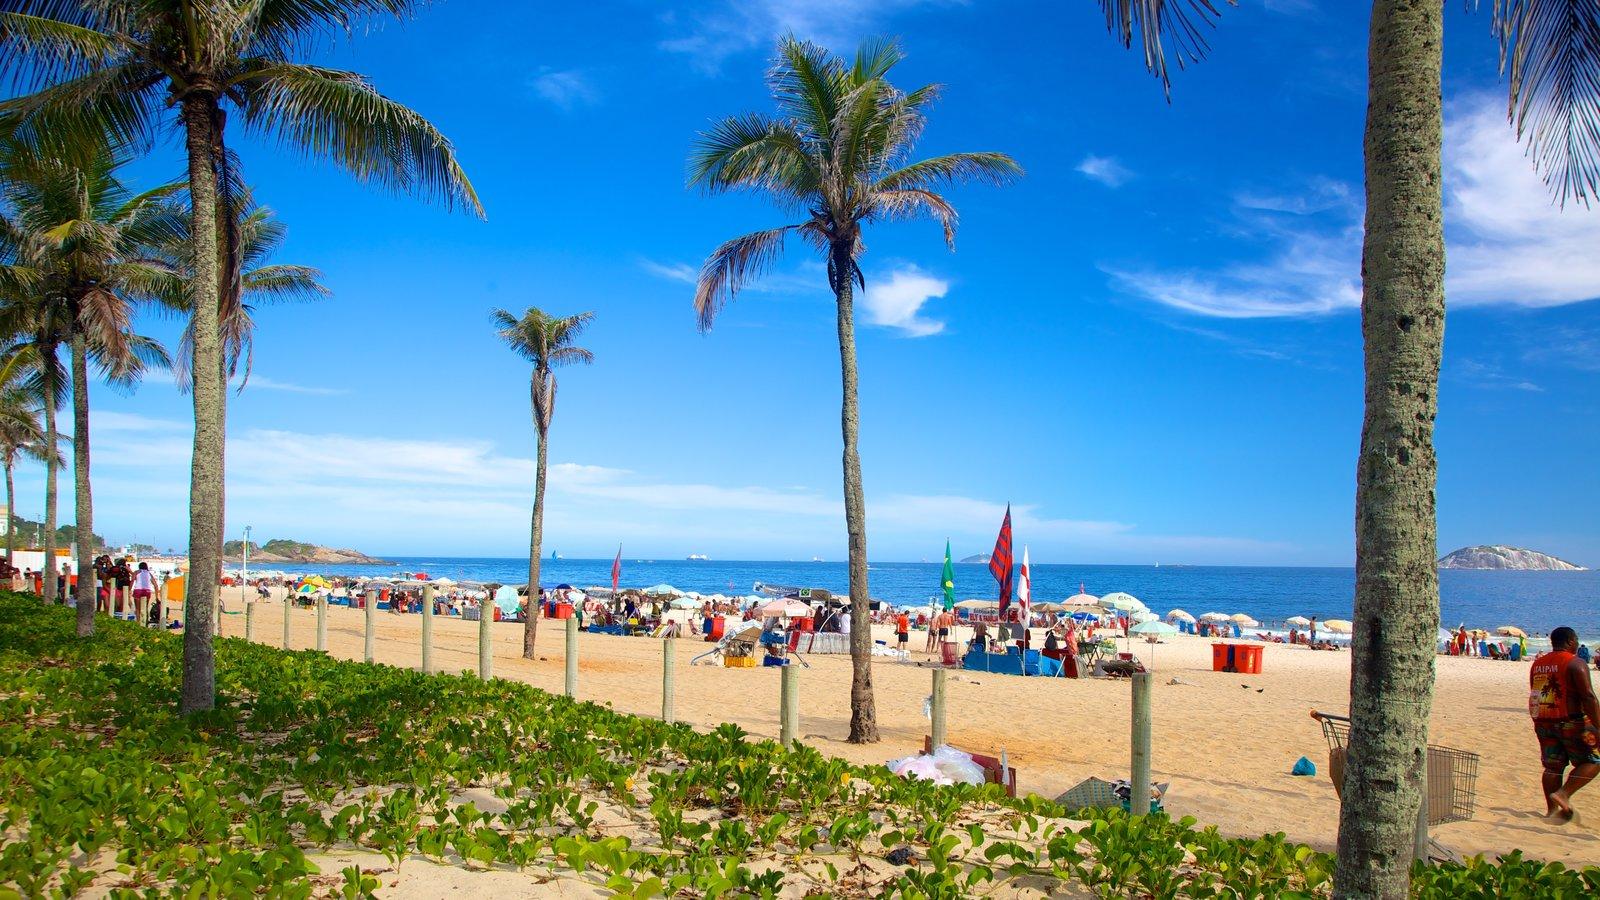 Praia de Ipanema que inclui cenas tropicais e uma praia